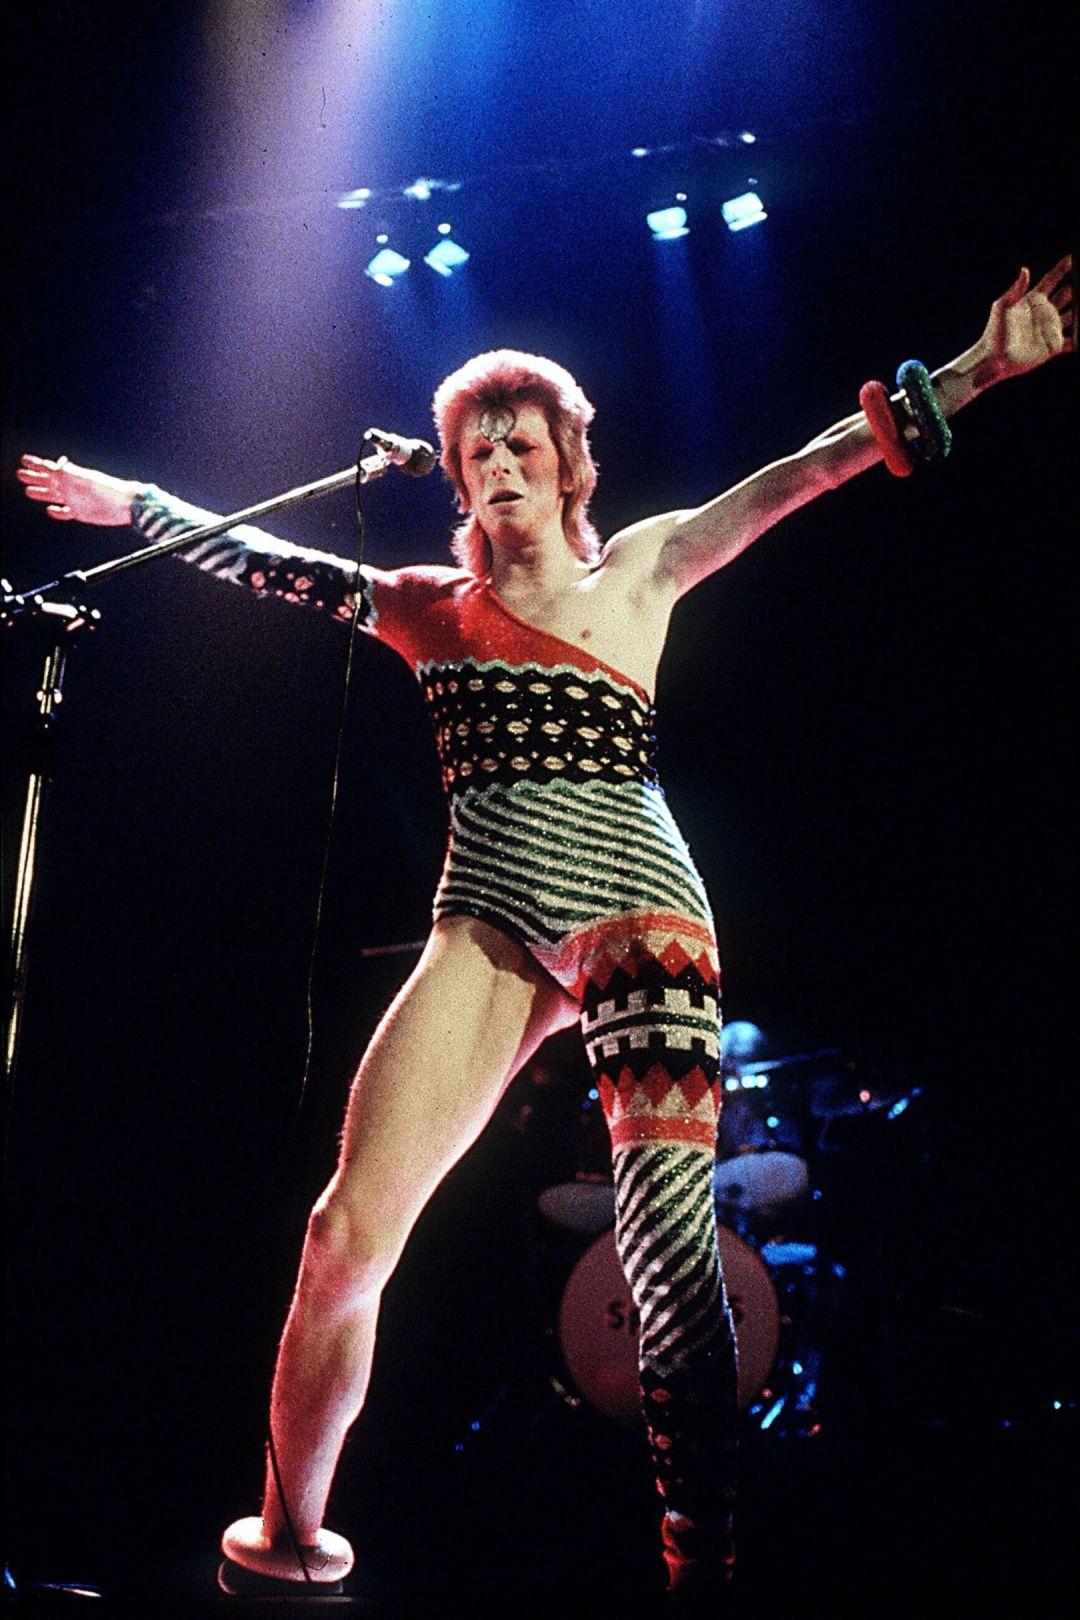 Bowie knit jumpsuit  courtesy vogue  lnpz1o